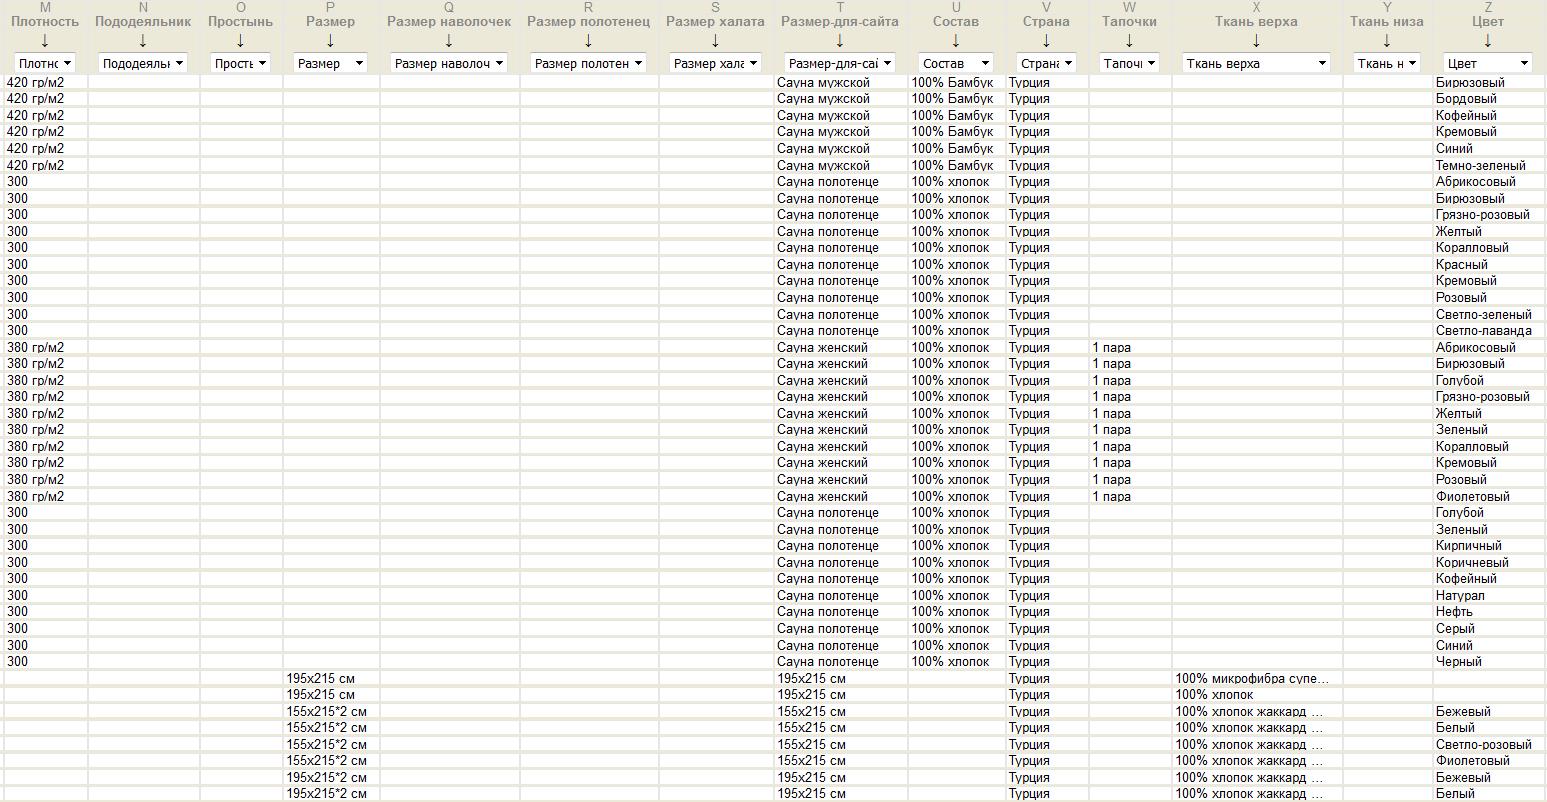 Импорт характеристик в Webasyst